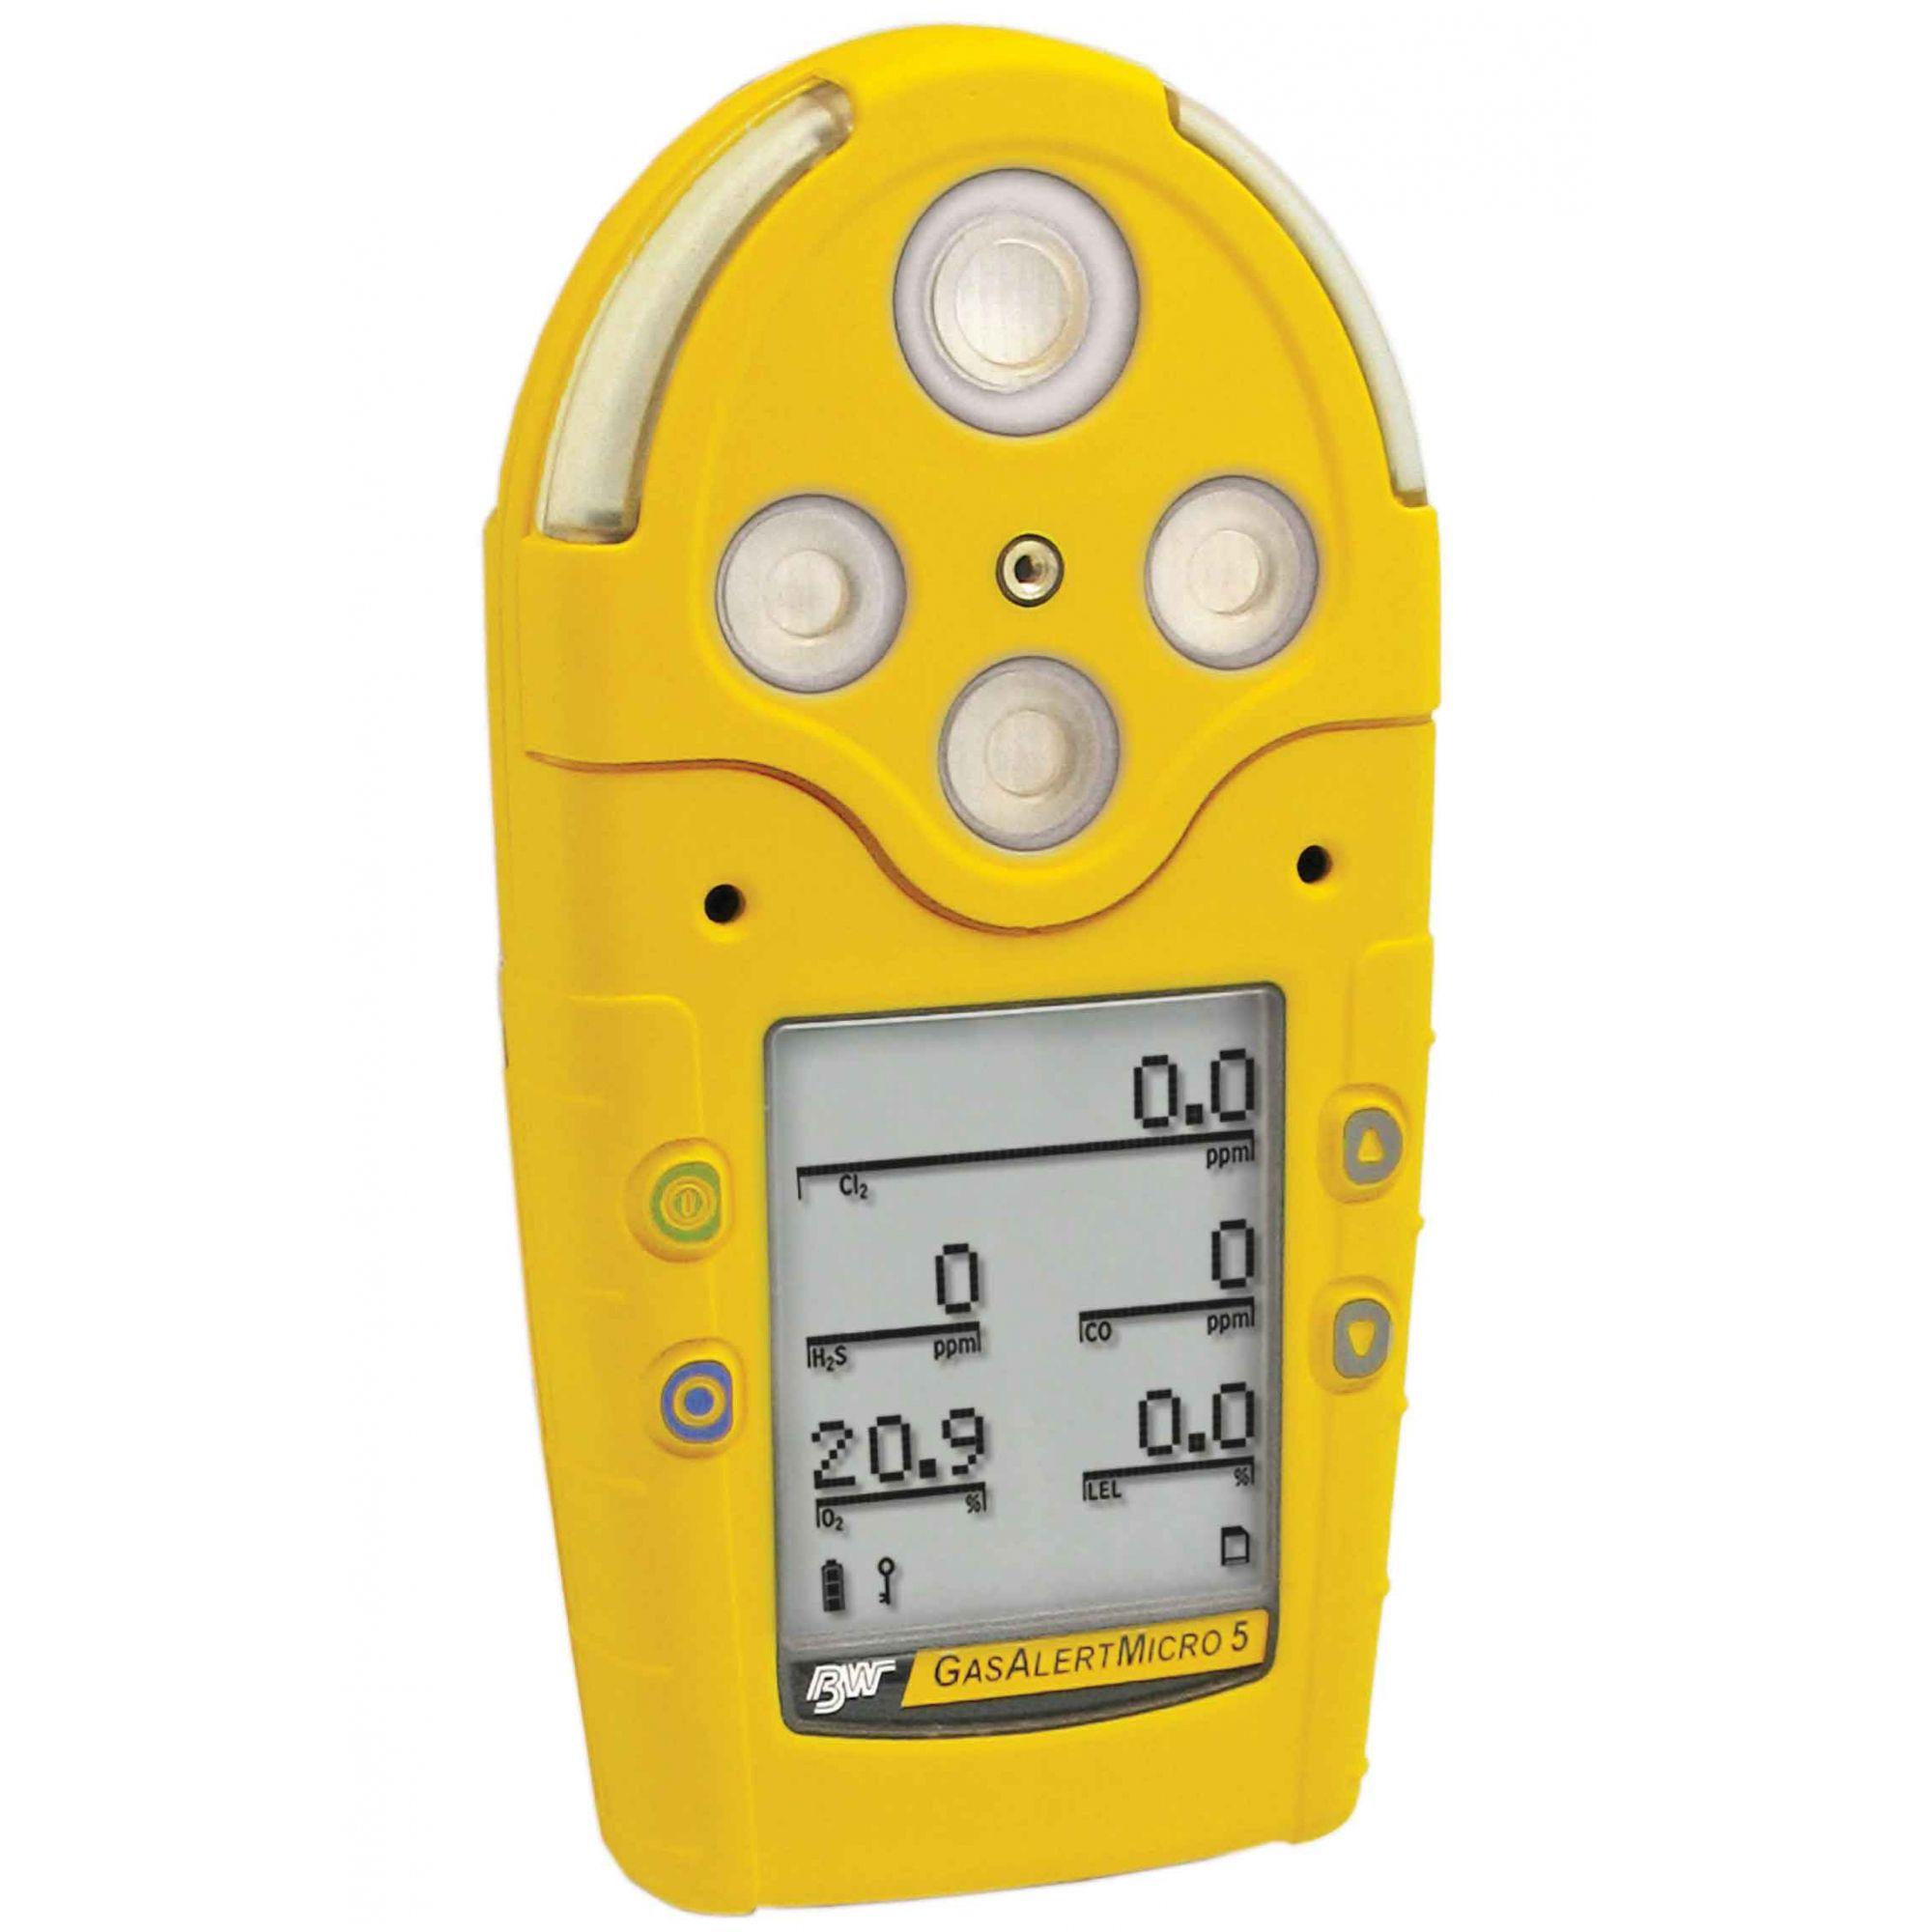 Detector de 5 gases Gasalertmicro 5 (PID/IR)